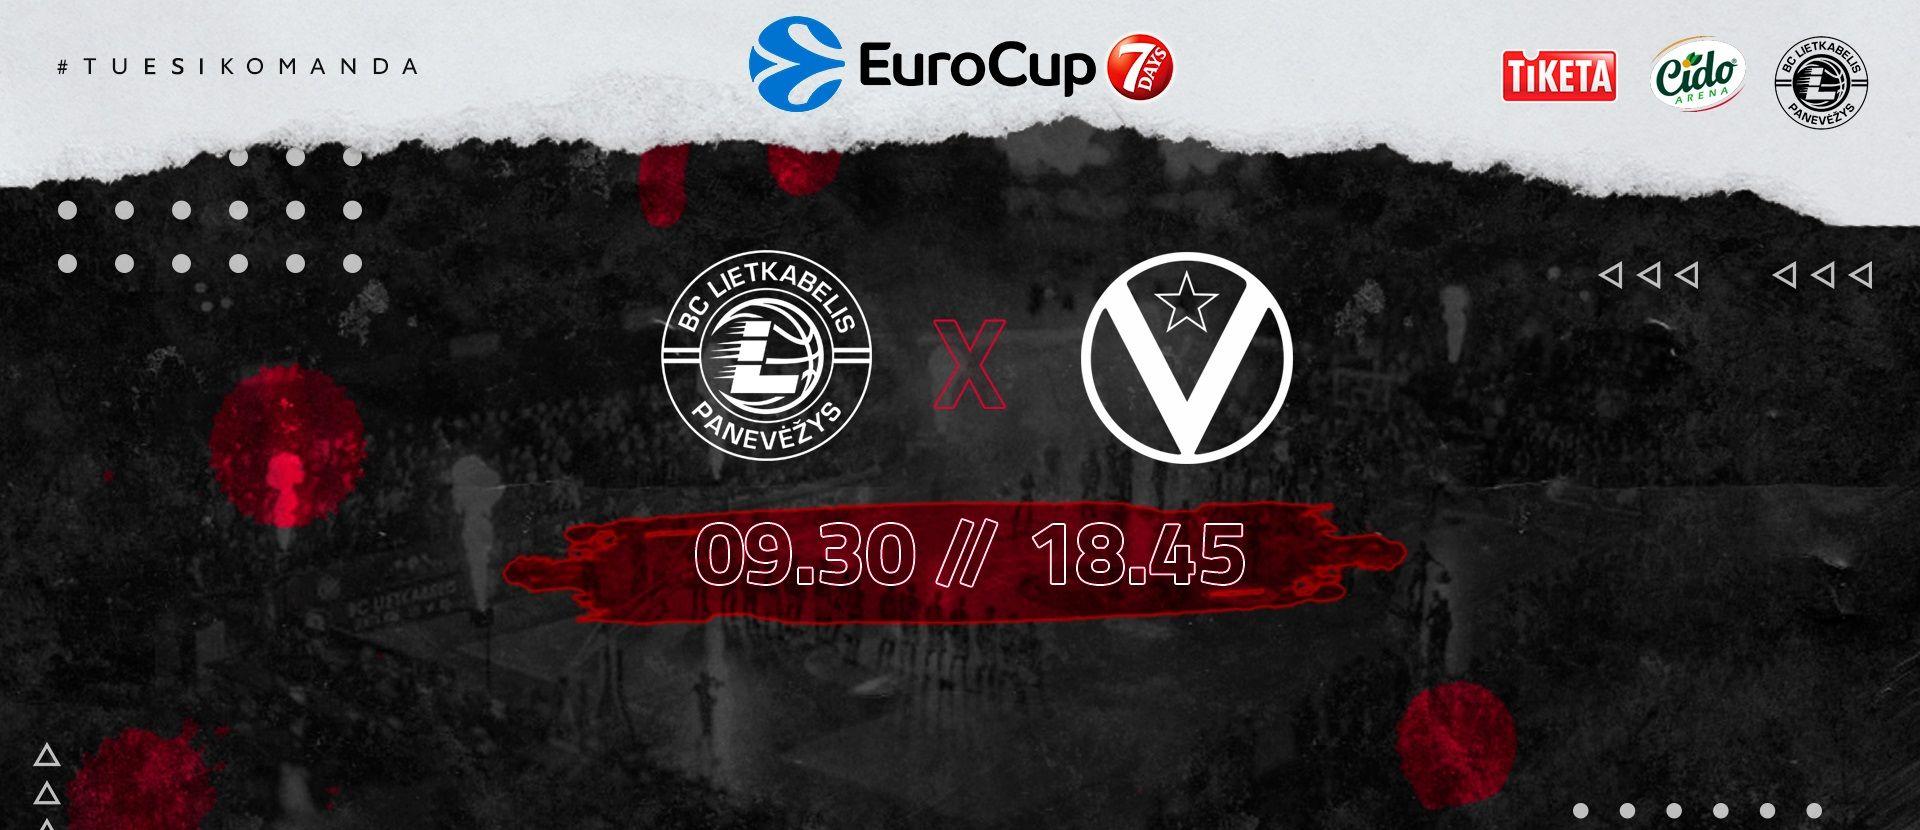 """7 DAYS EUROCUP rungtynės: Panevėžio """"Lietkabelis"""" - Bolonijos """"Virtus"""""""